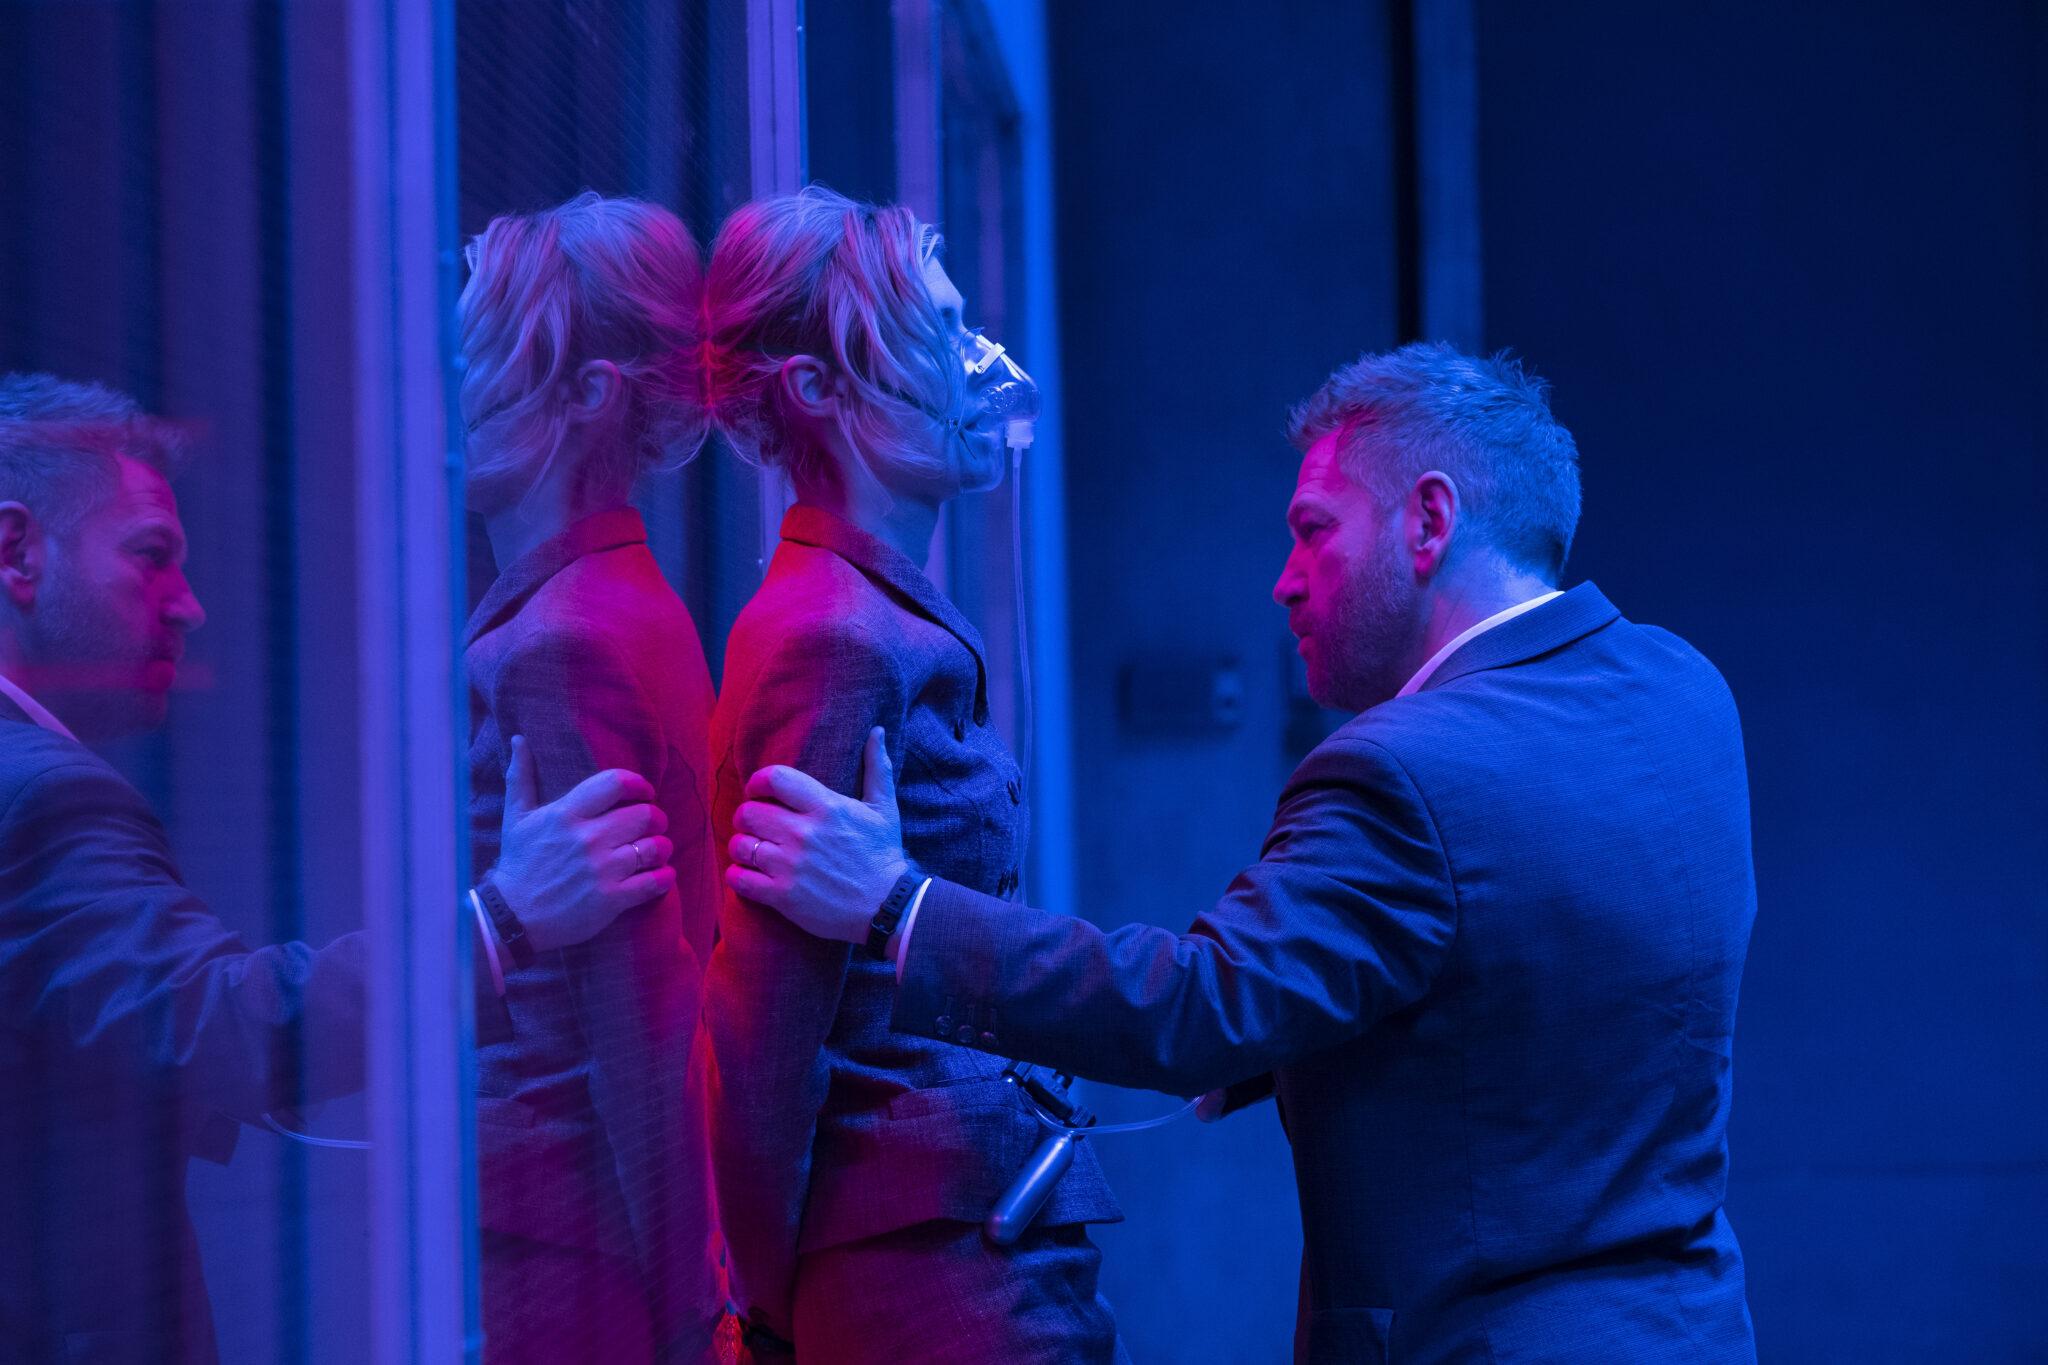 Eine Frau wird von einem Mann gegen eine Glasscheibe gedrückt